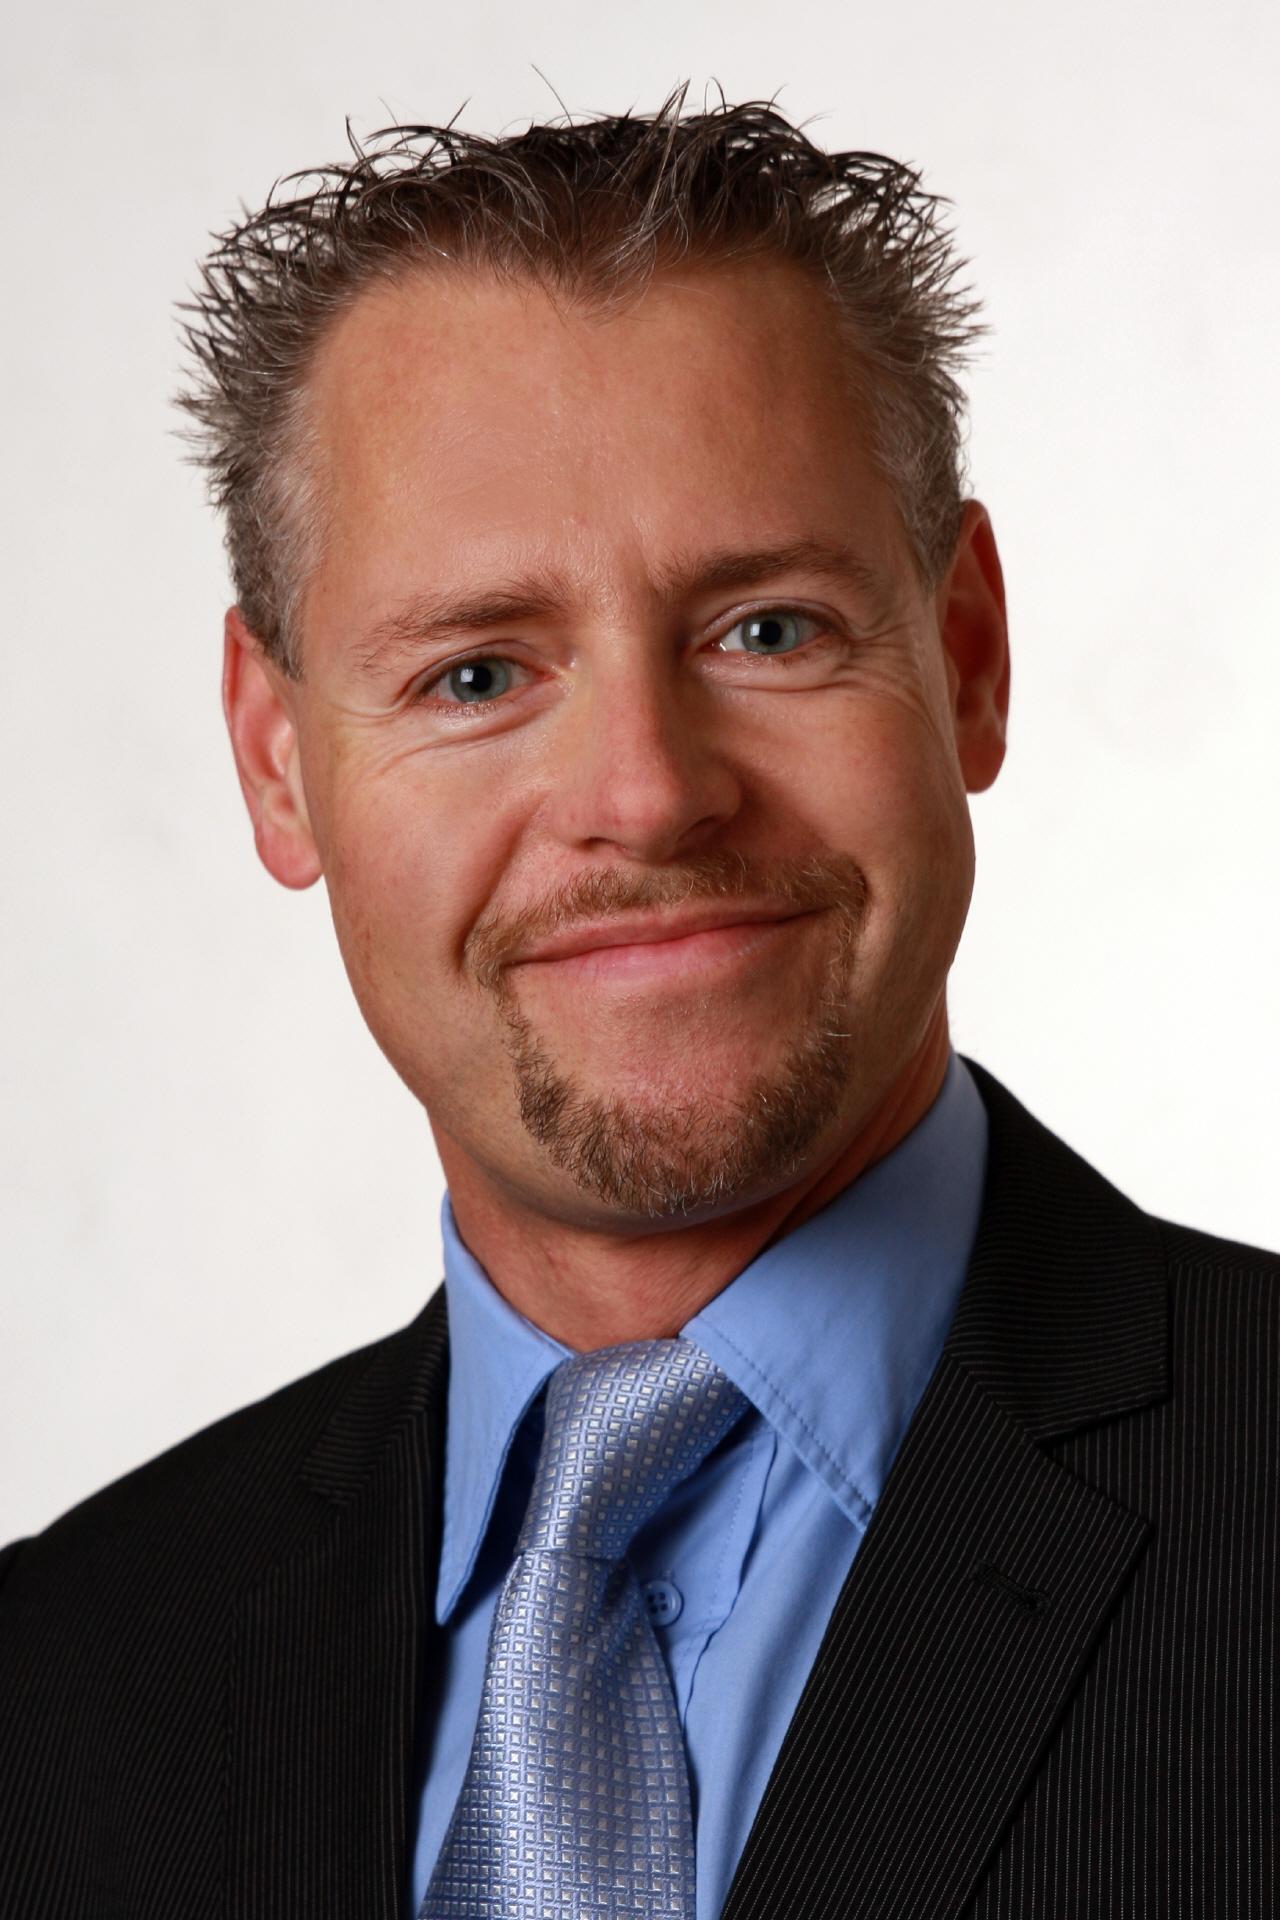 Martin Weber ist seit Sommer 2010 als Technologie Berater für Microsoft Schweiz tätig und war vorher 9 Jahre als Senior Consultant bei Microsoft Consulting ... - martin_weber